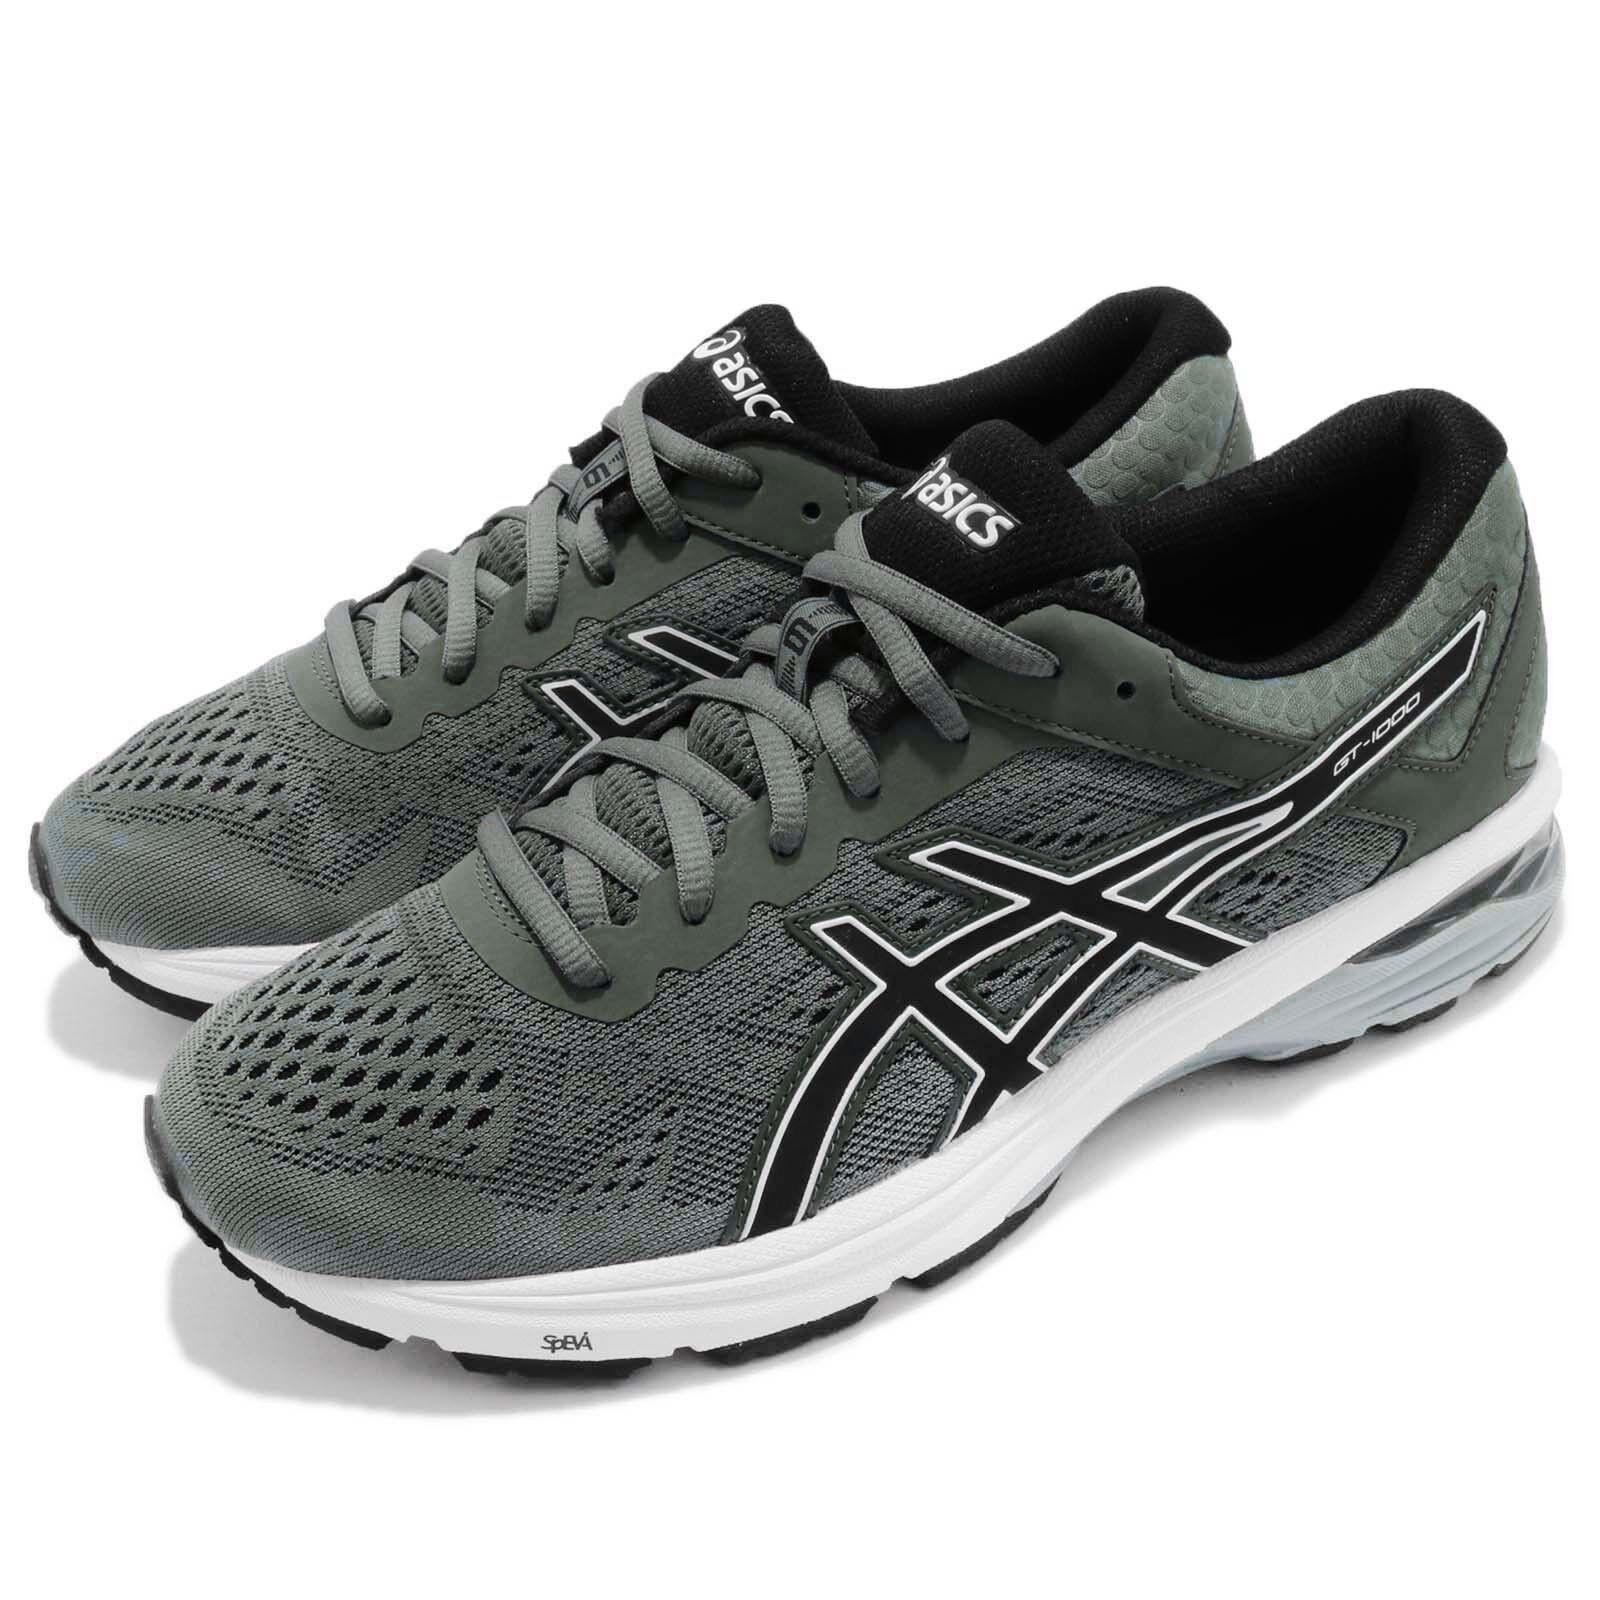 Asics GT-1000 6 VI Dark Forest nero Men Running scarpe Trainers T7A4N-8290